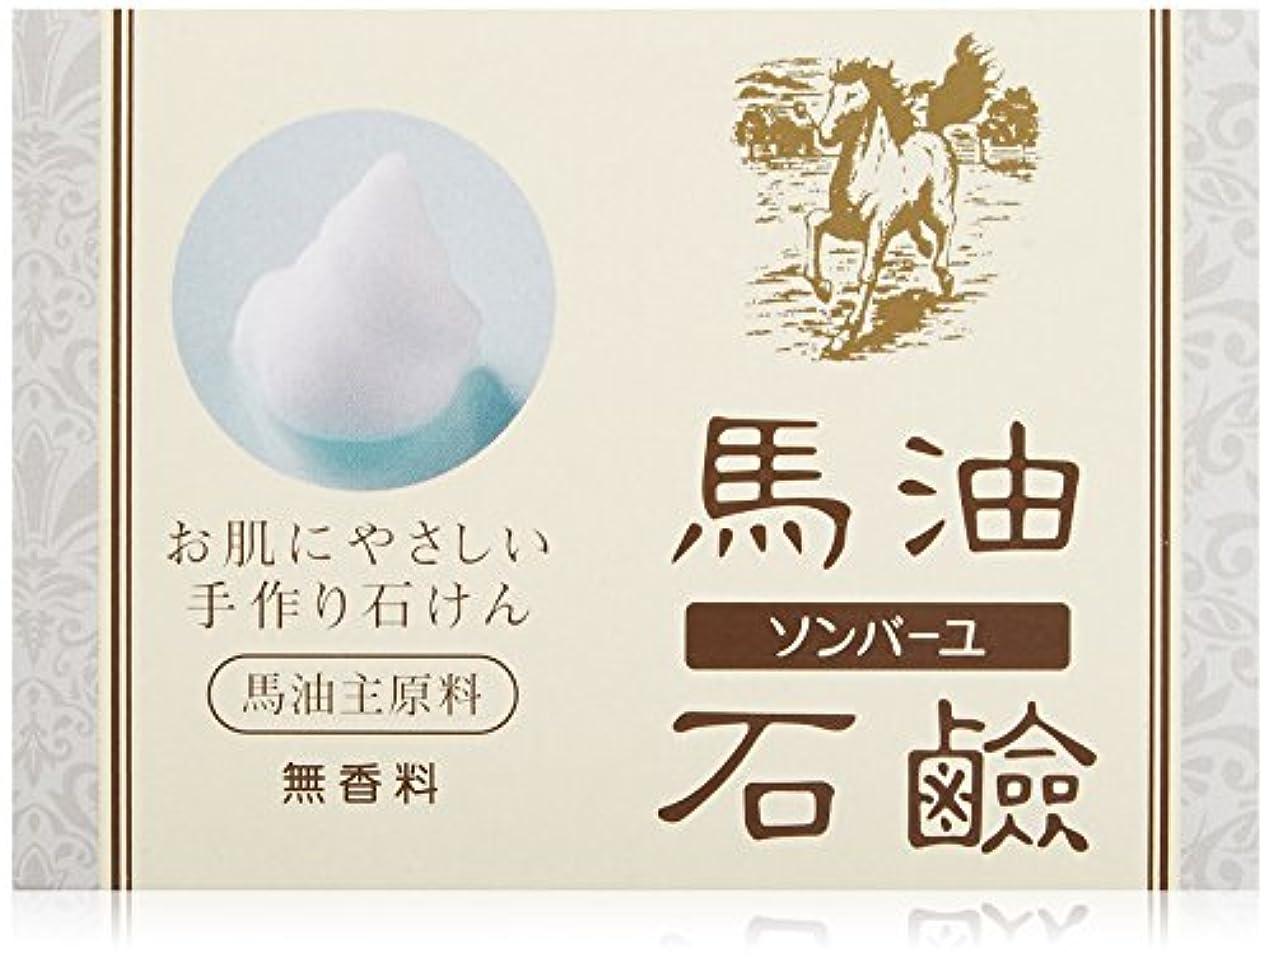 精神的に富豪エッセンス薬師堂 ソンバーユ馬油石鹸(無香料) 85g